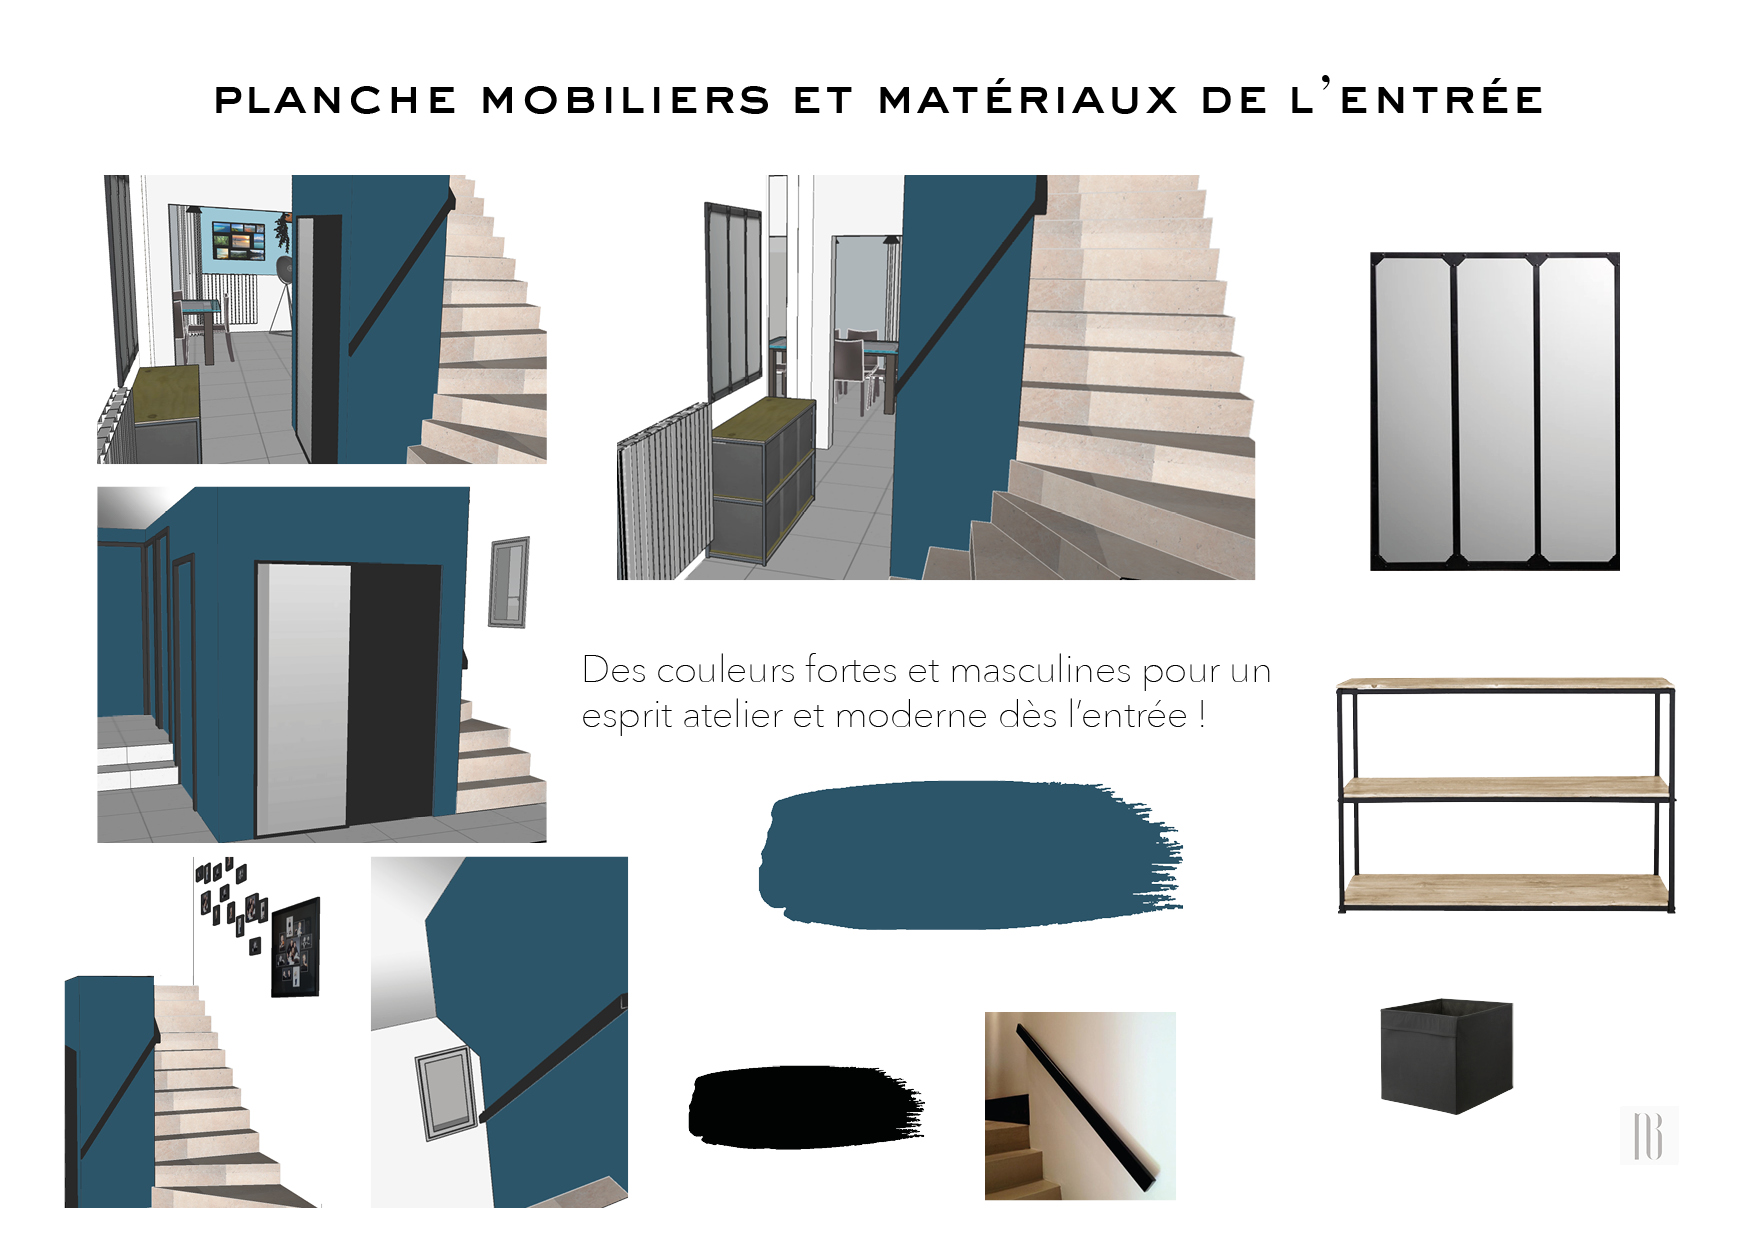 Nathalie Bossard décoration architecture intérieur Rennes 35 UFDI-390 Book déco maison individuelle Vern sur Seiche Ille et Vilaine planche mobiliers et matériaux entrée